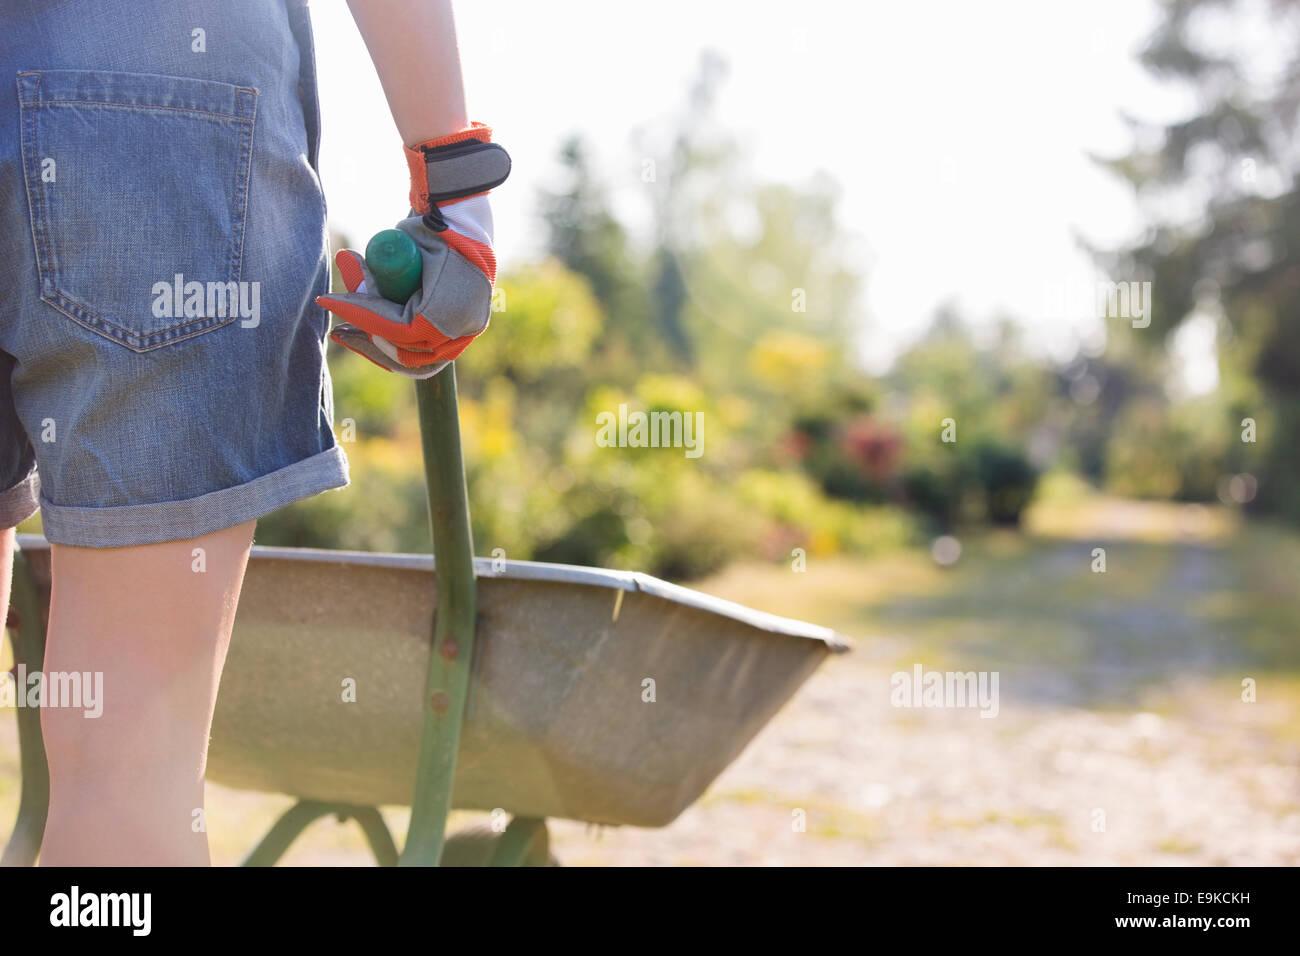 Vista posterior de la parte media del jardinero empujando la carretilla de mano femenina en el vivero de plantas Imagen De Stock